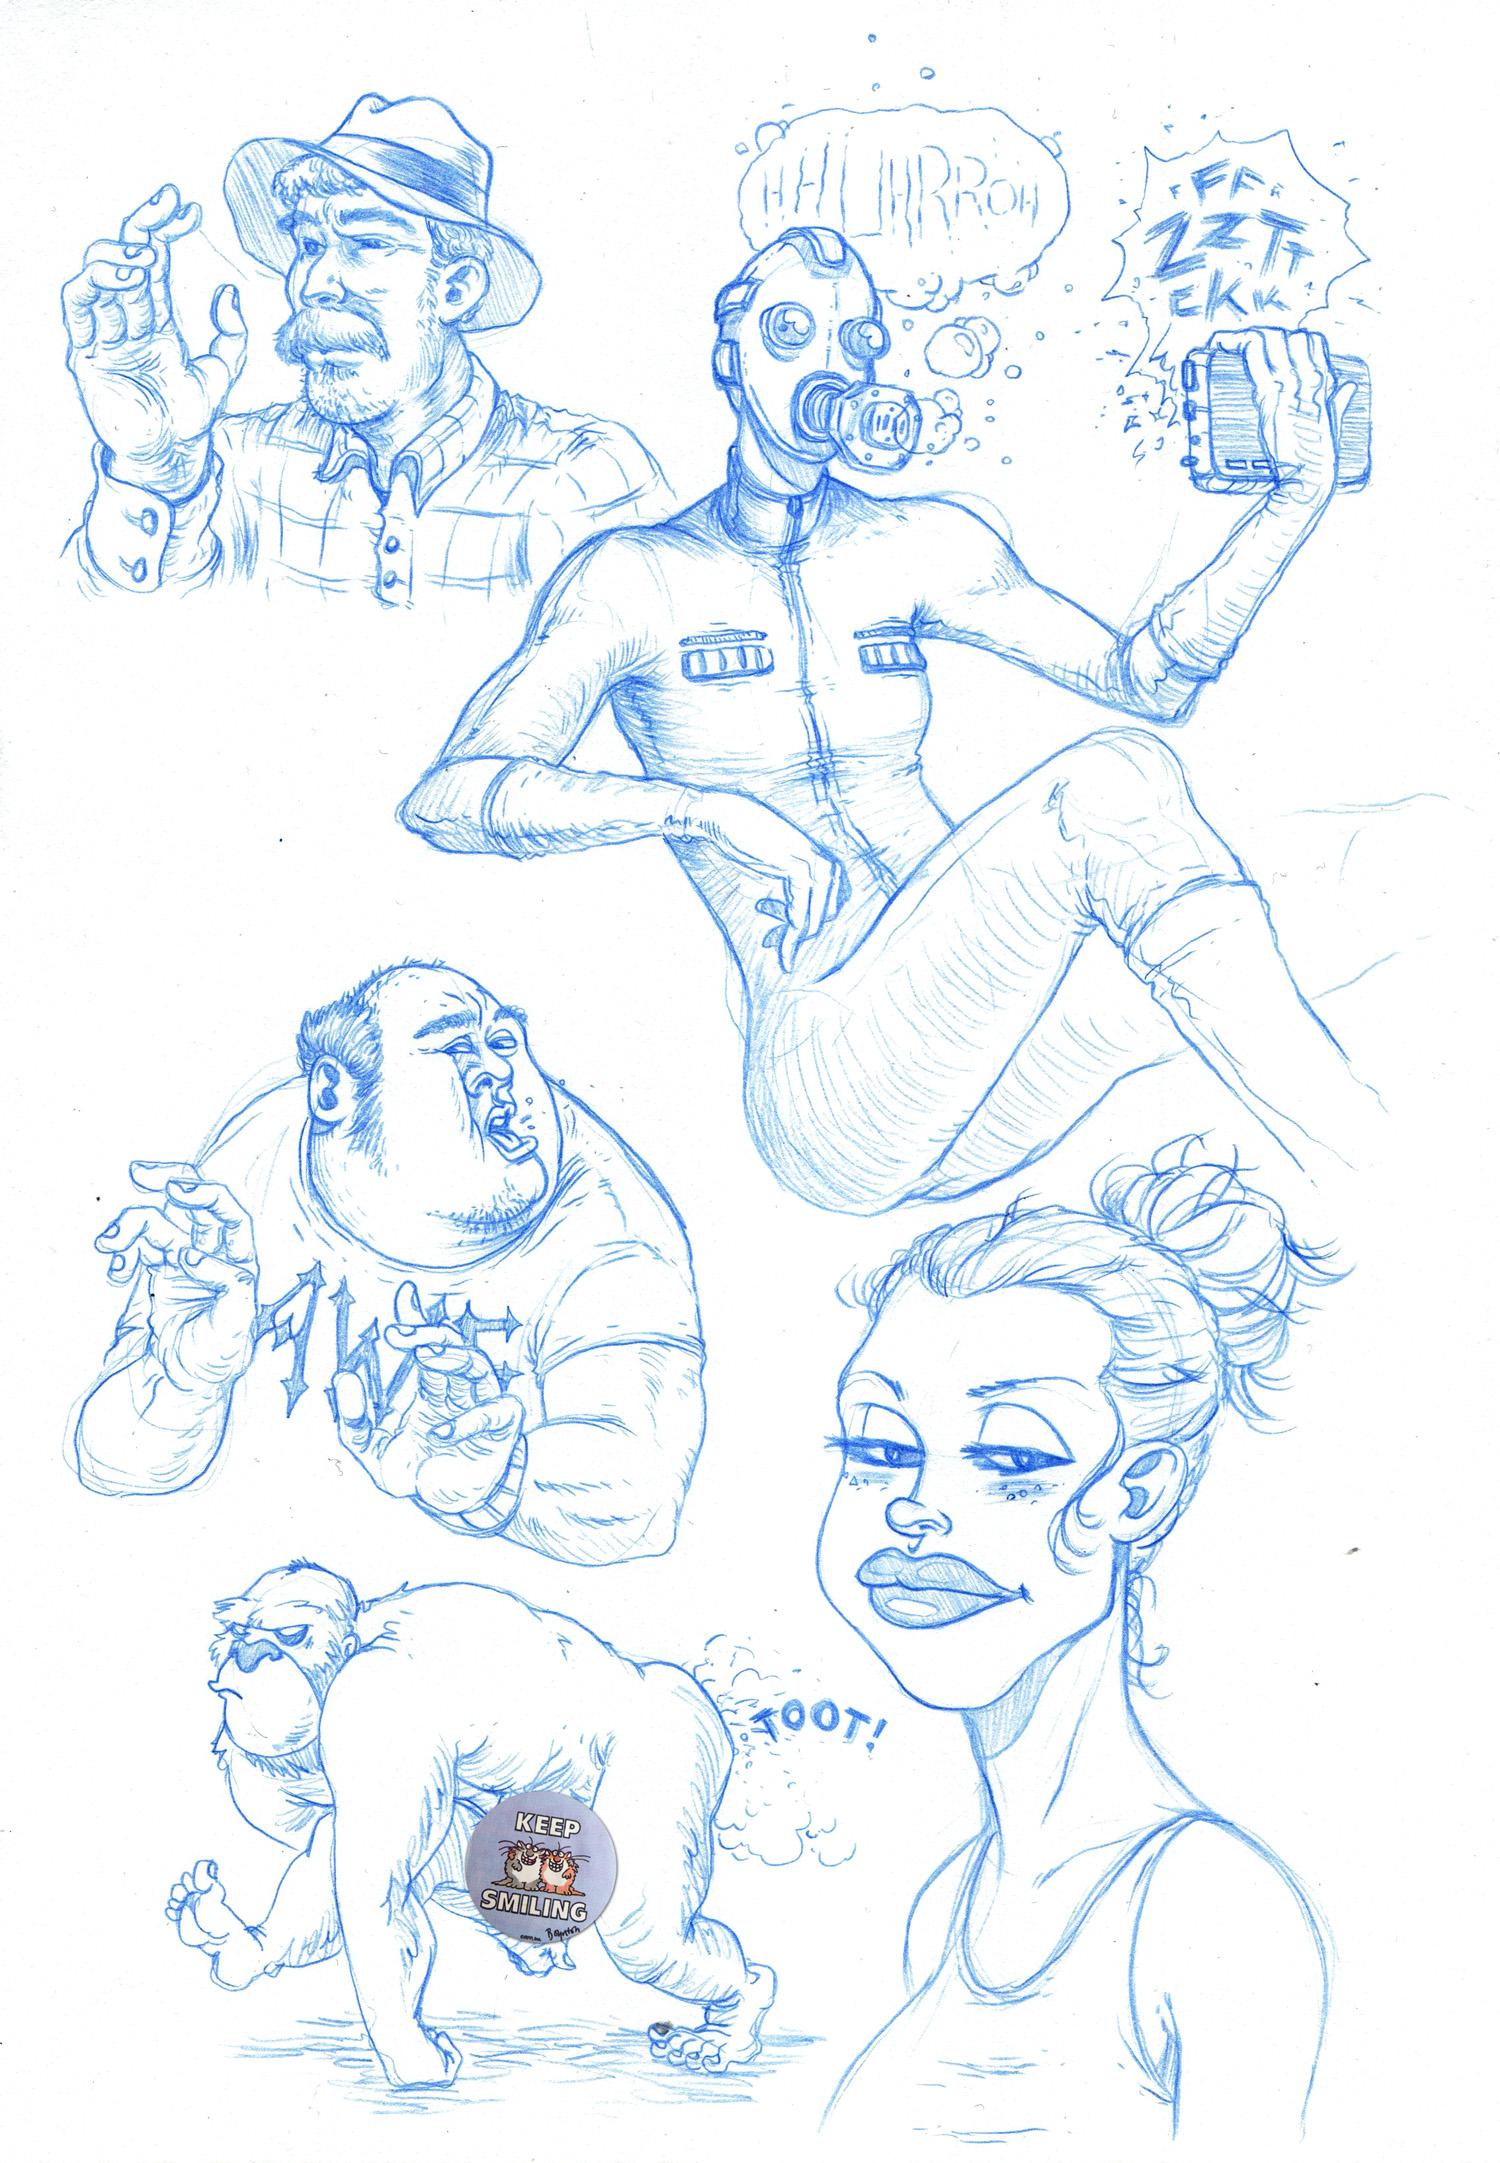 baseball doodles.jpg